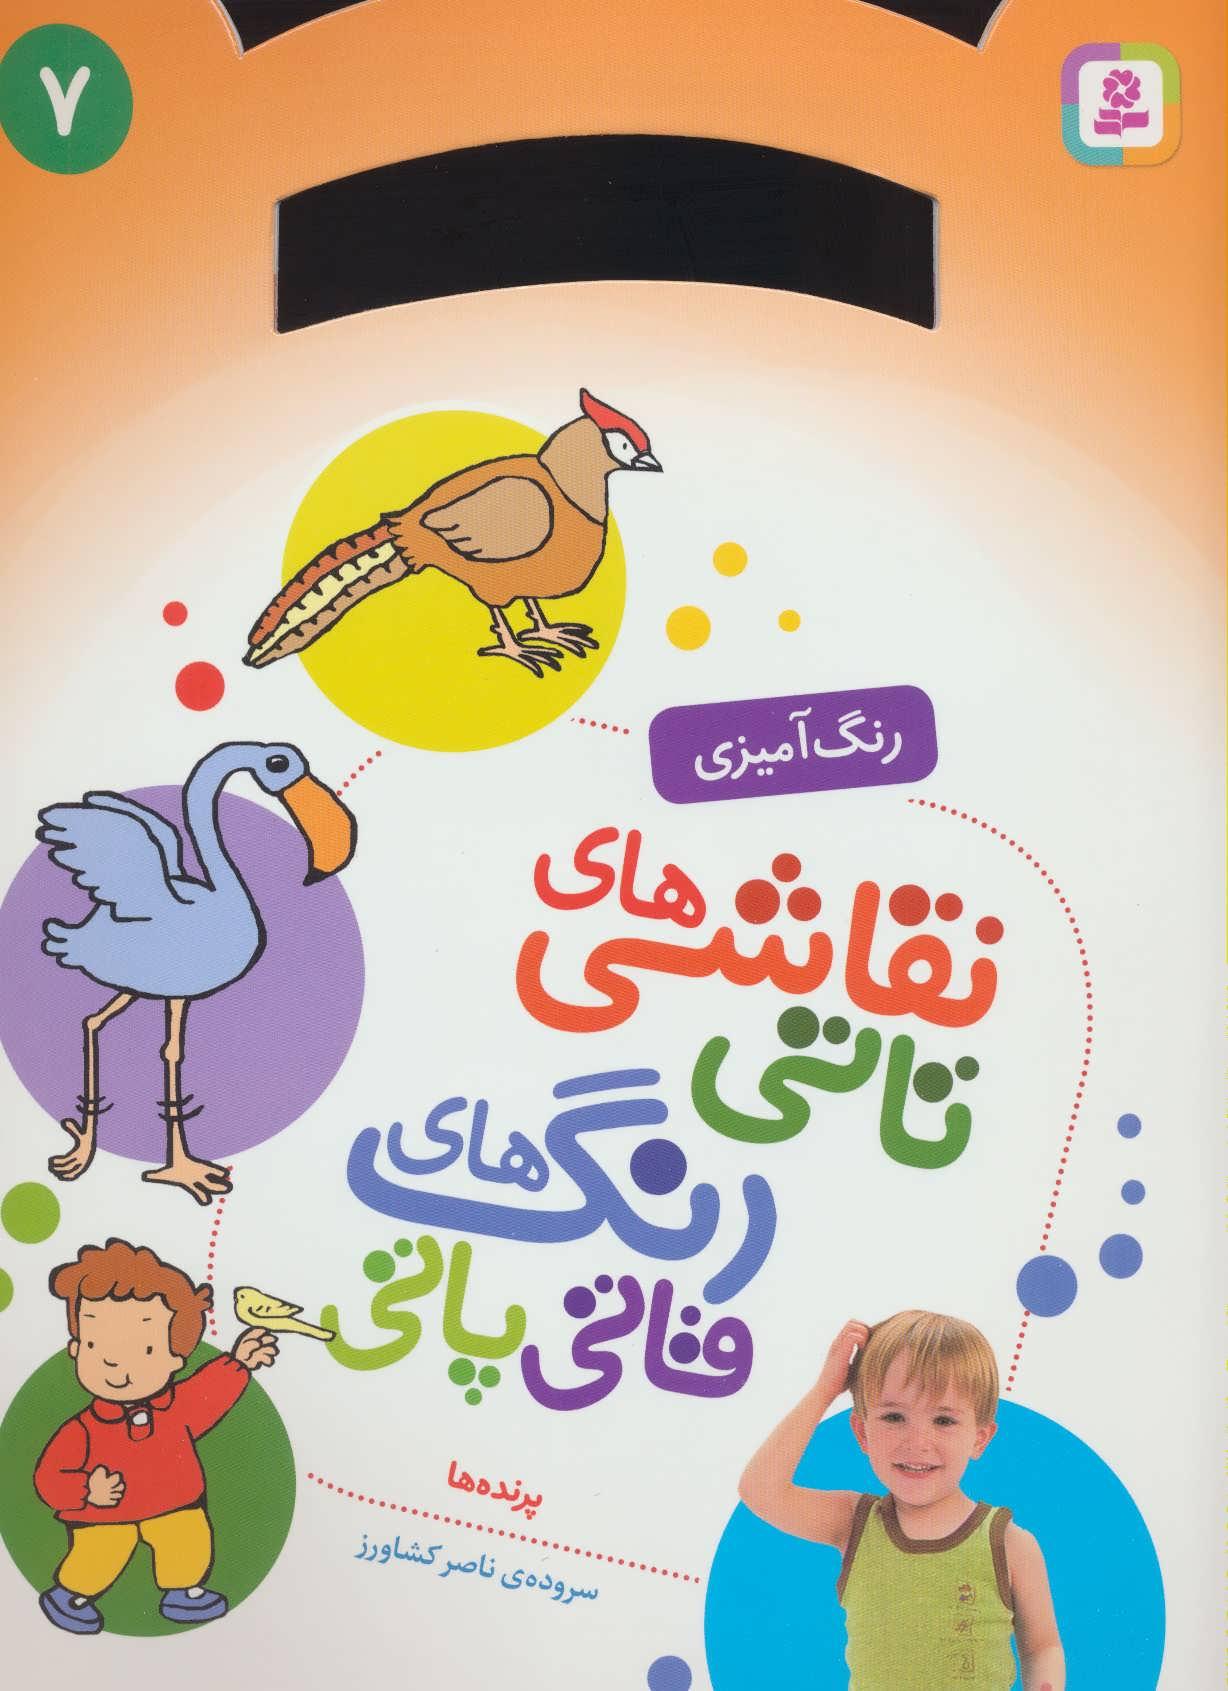 نقاشی های تاتی رنگ های قاتی پاتی 7 (پرنده ها)